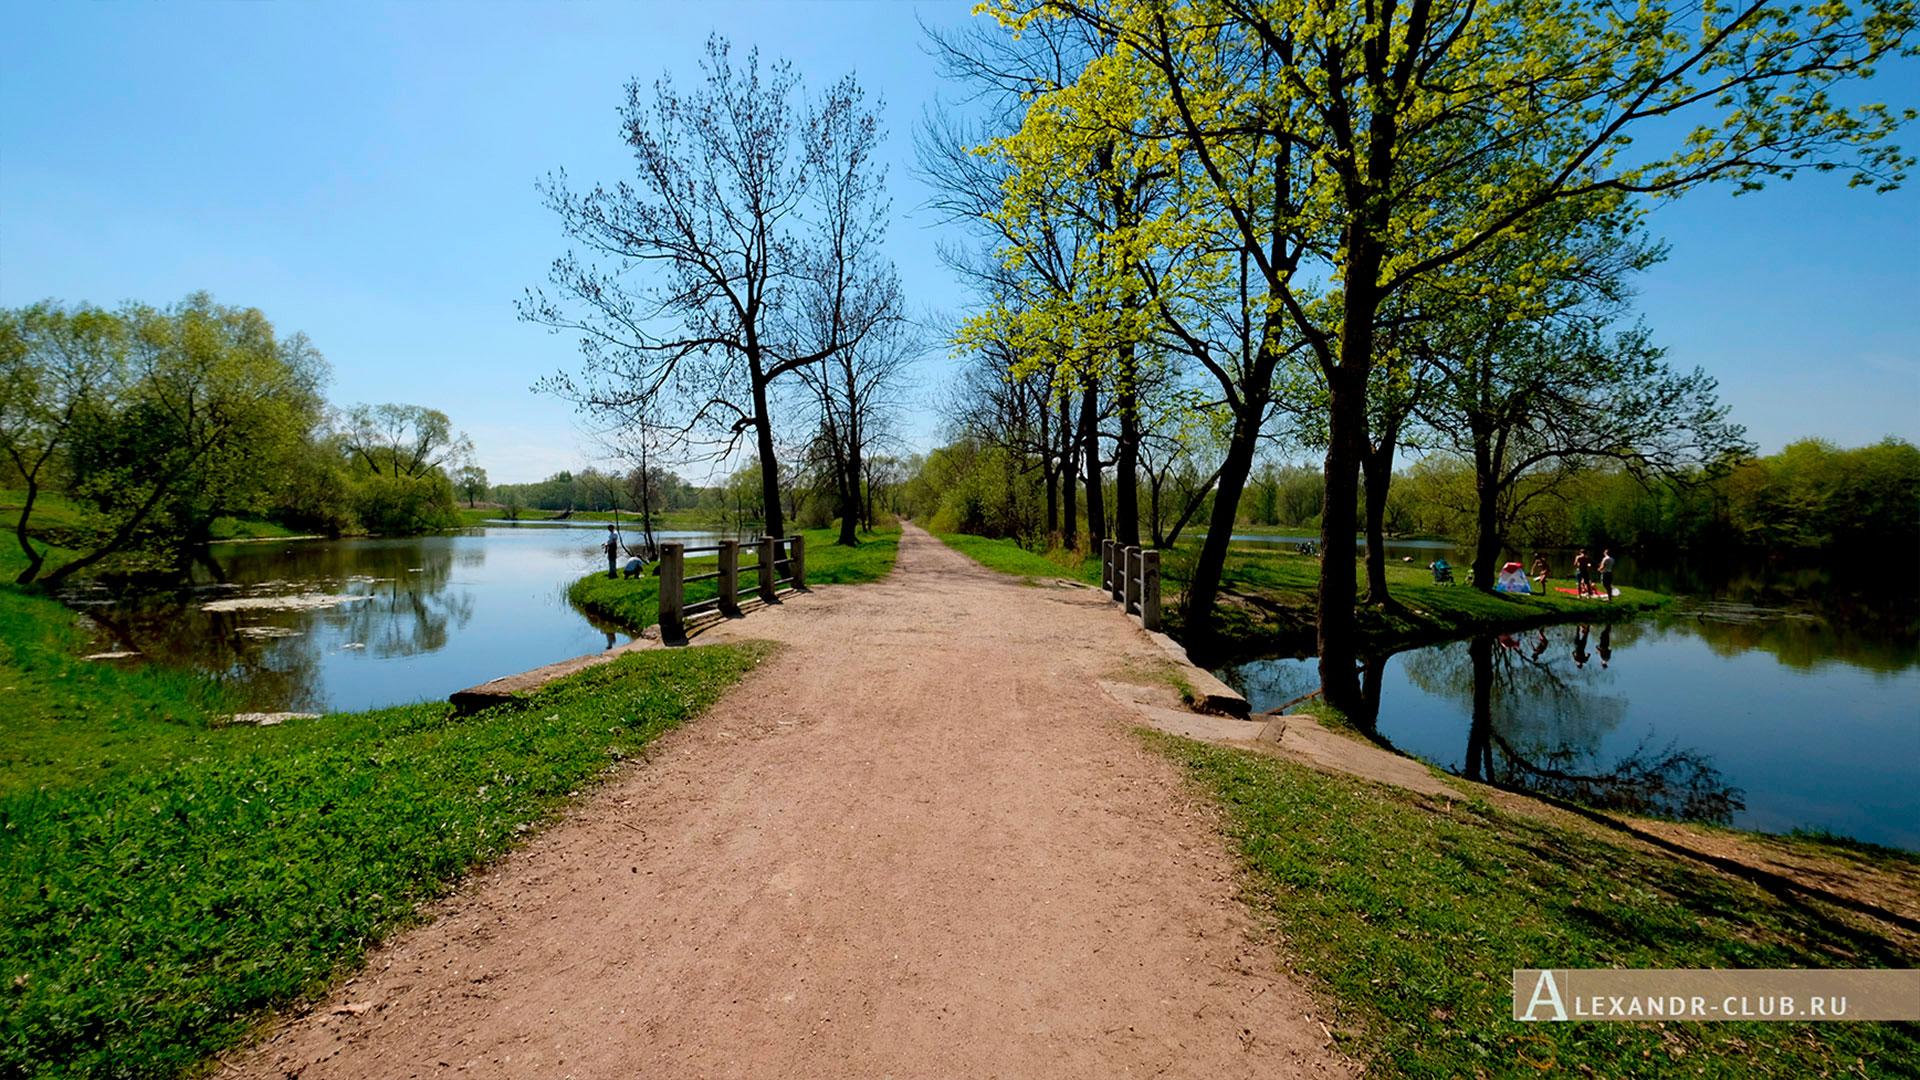 Петергоф, Луговой парк, весна, мостик на Орлинском пруду – 1